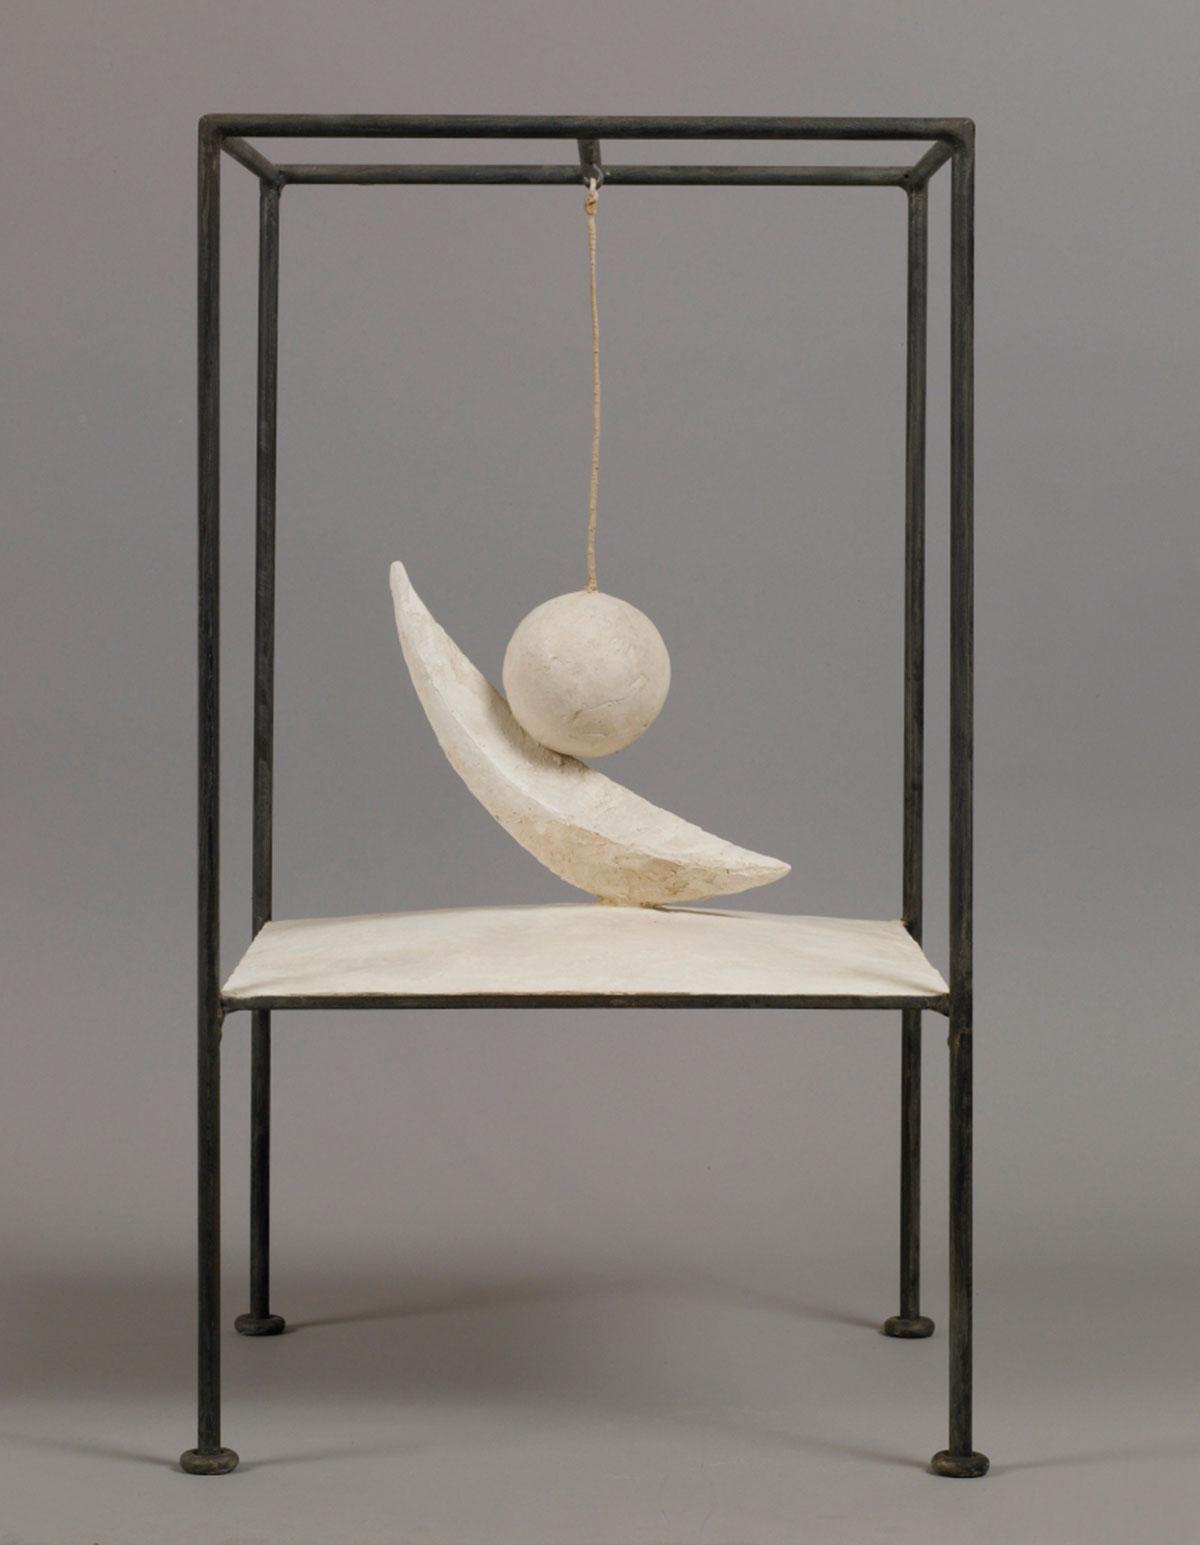 Suspended Ball 1930-1931 Plaster and metal 60.6 x 35.6 x 36.1 cm Collection Fondation Alberto et Annette Giacometti, Paris © Alberto Giacometti Estate, ACS/DACS, 2017